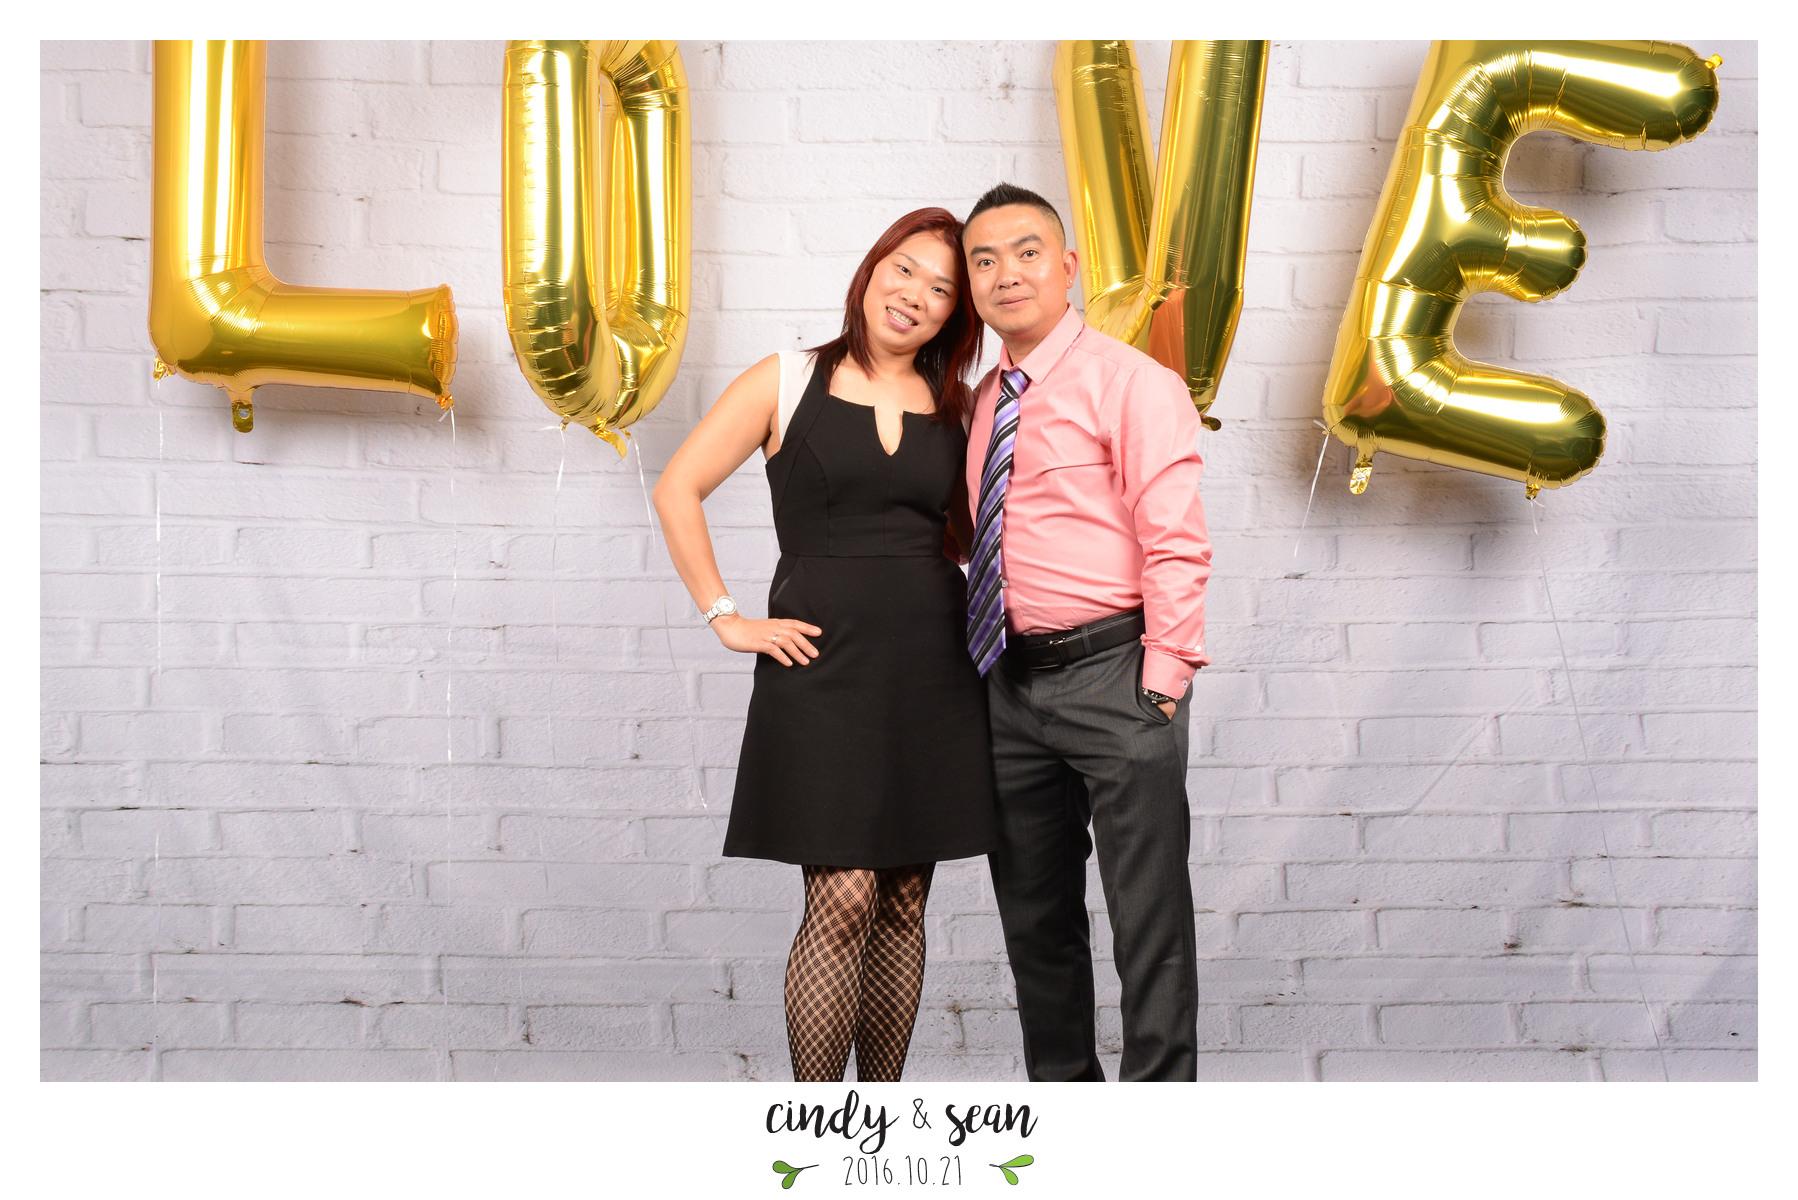 Cindy Sean Bae - 0001-9.jpg